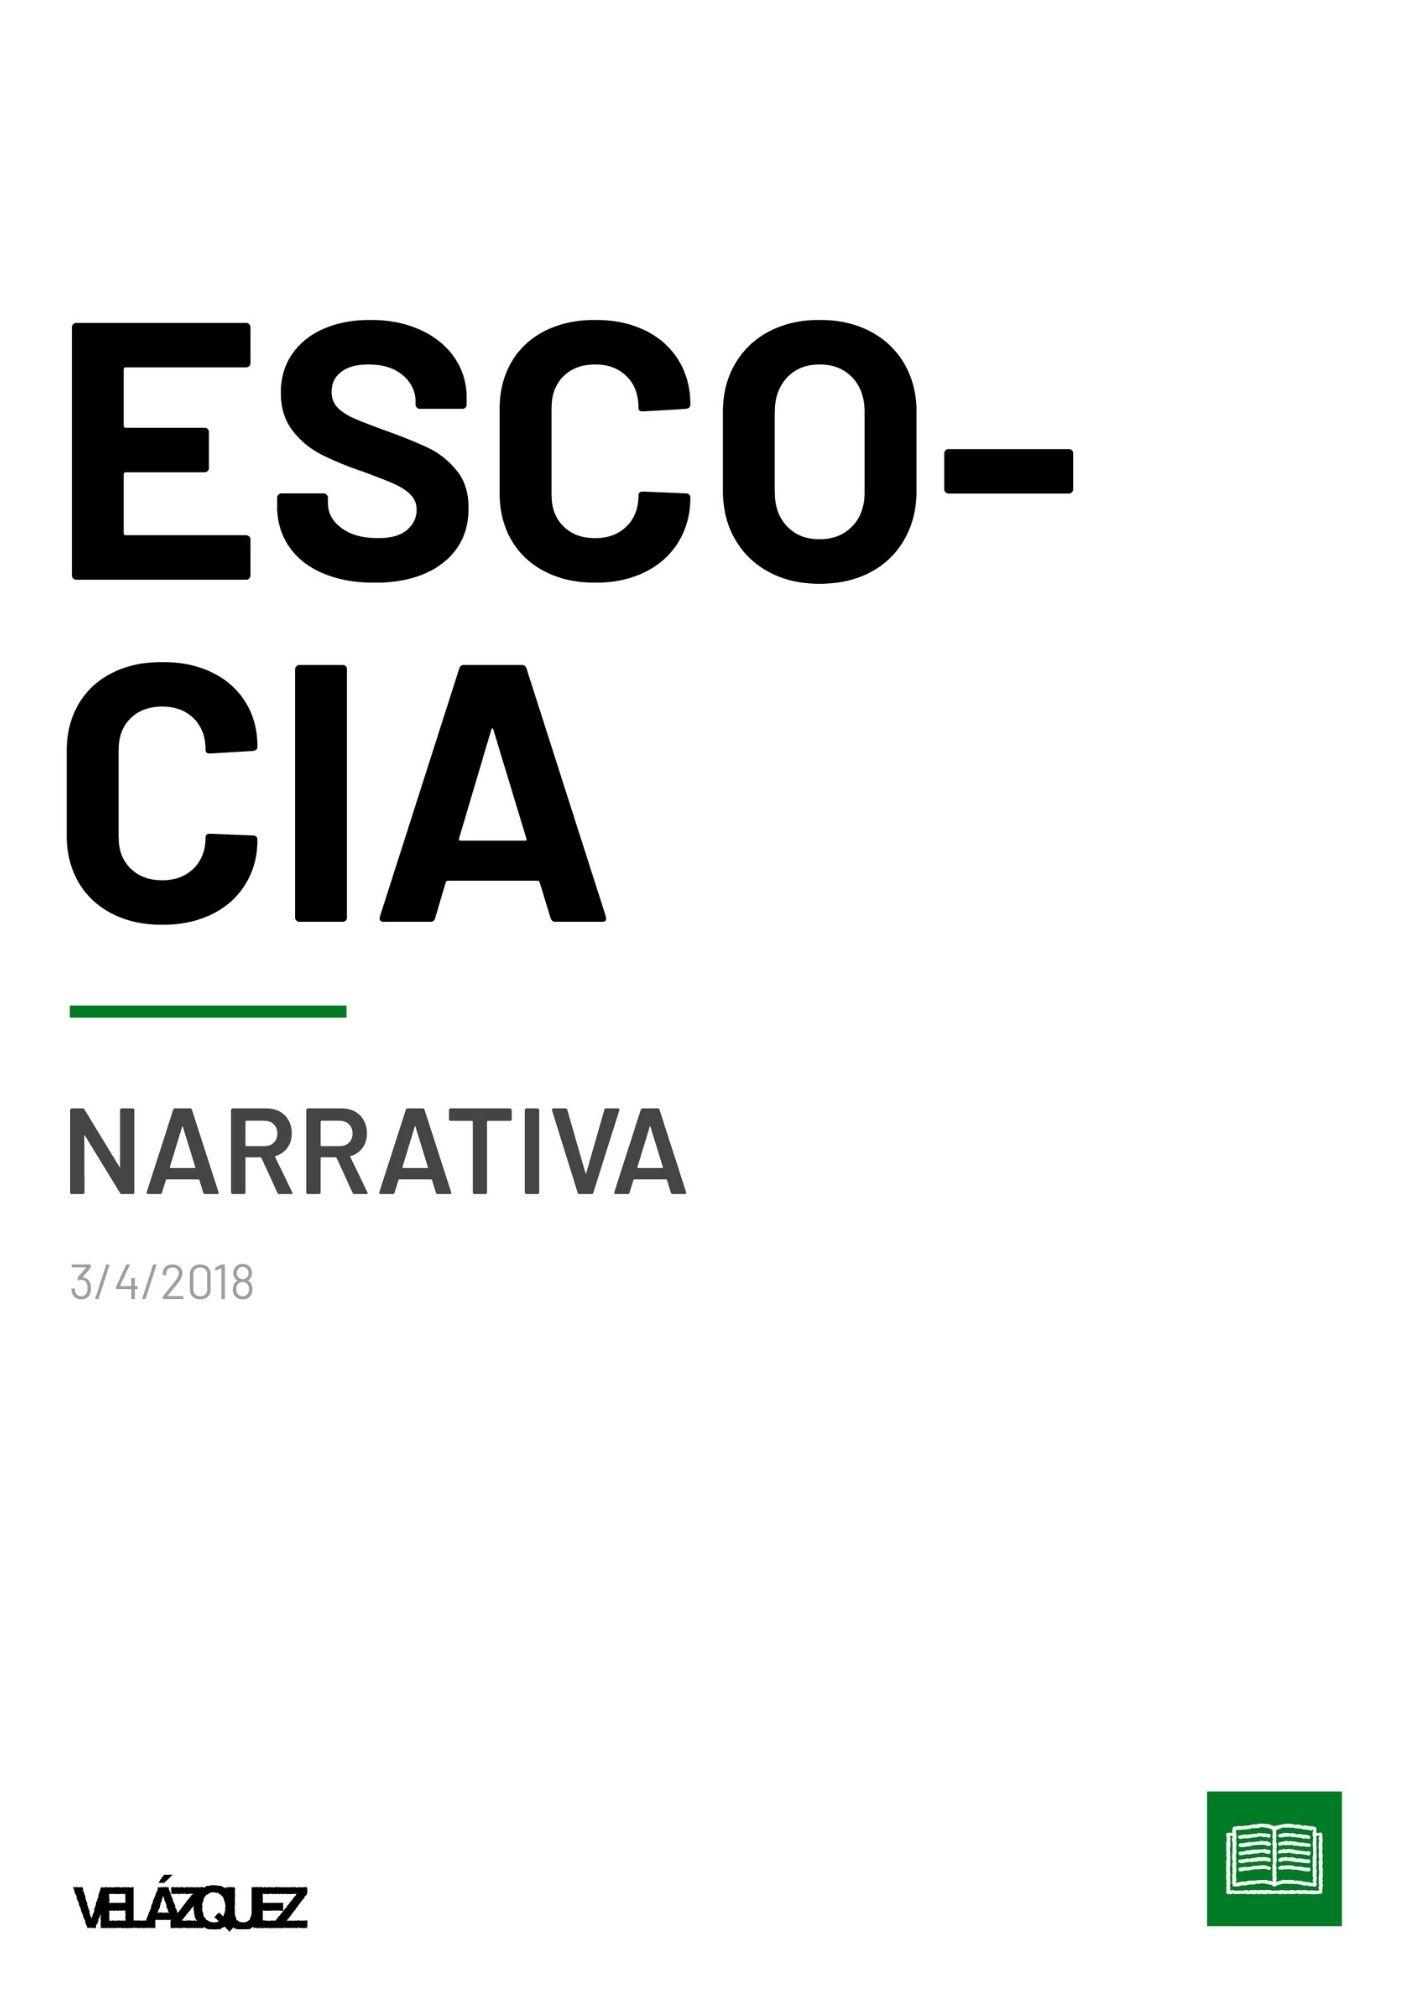 Escocia - Narrativa - Fabri Velázquez